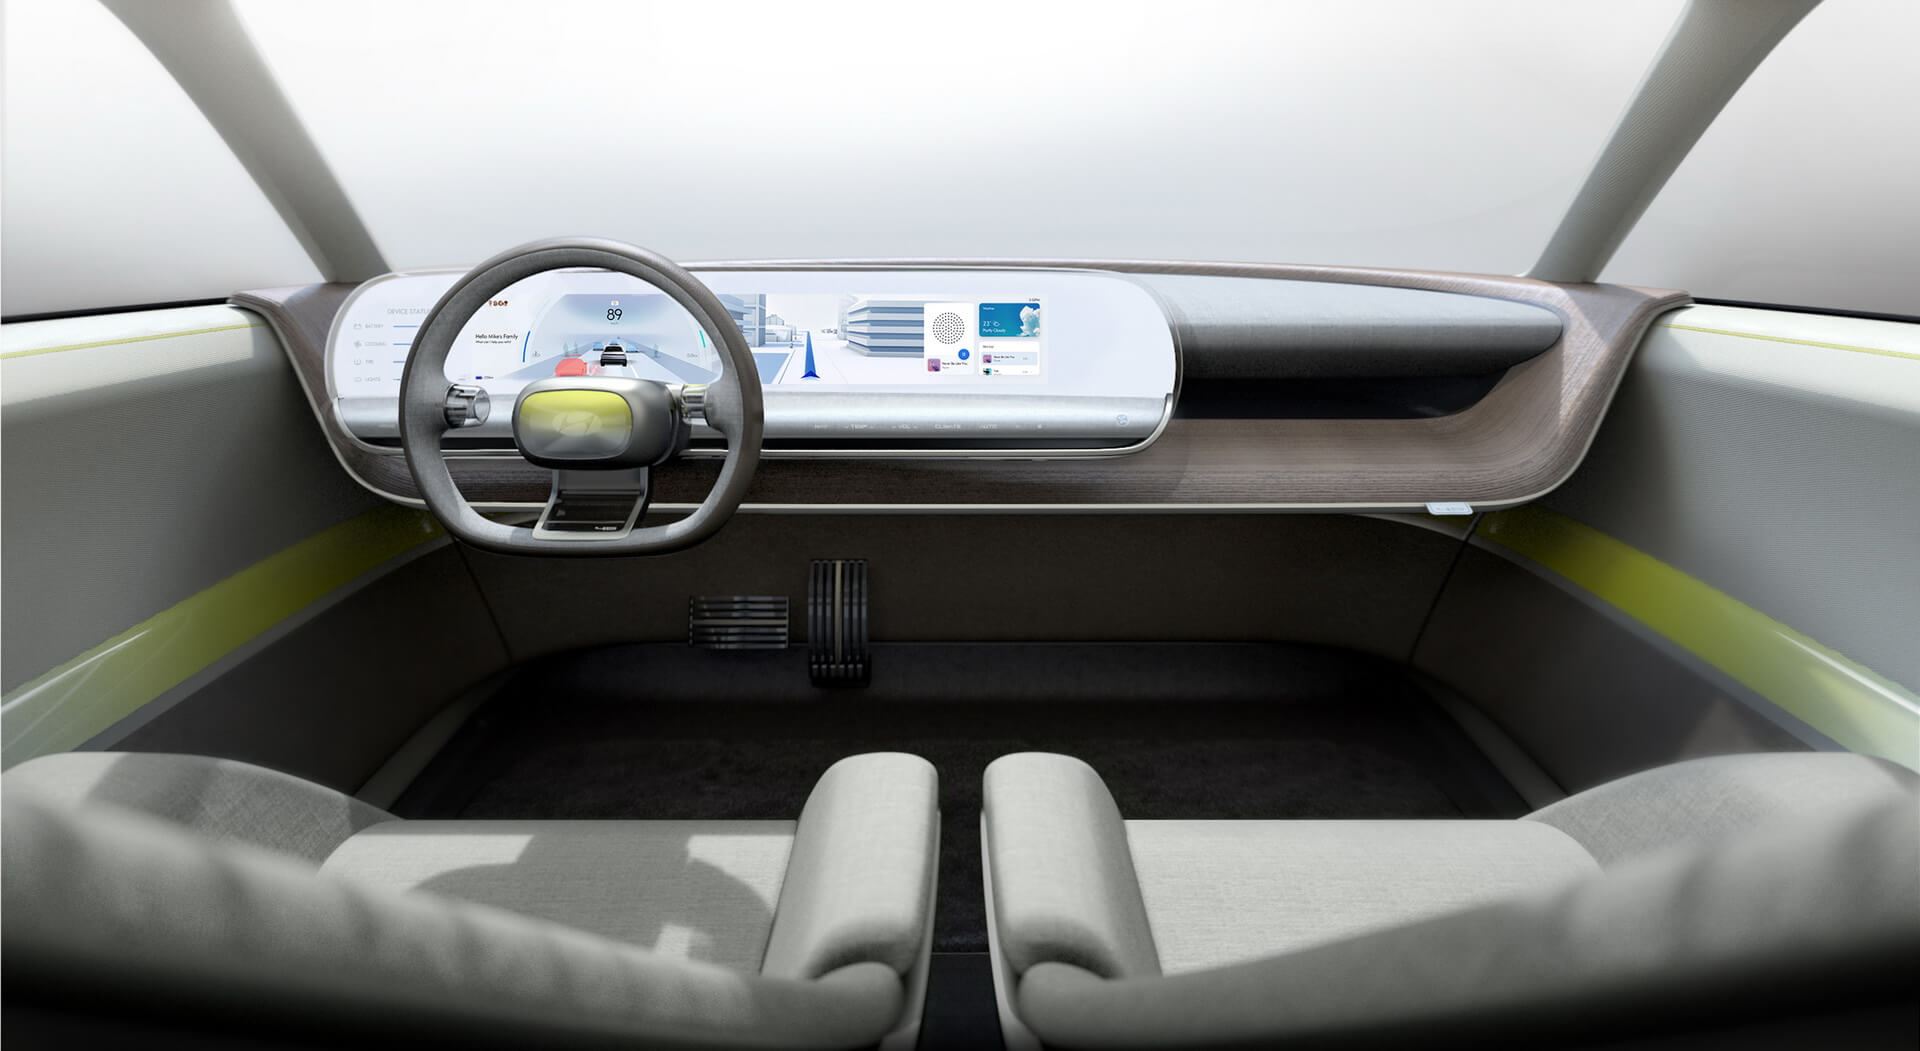 В інтер'єрі електромобіля все побудовано навколо ідеї персоналізації дизайну і функціональності